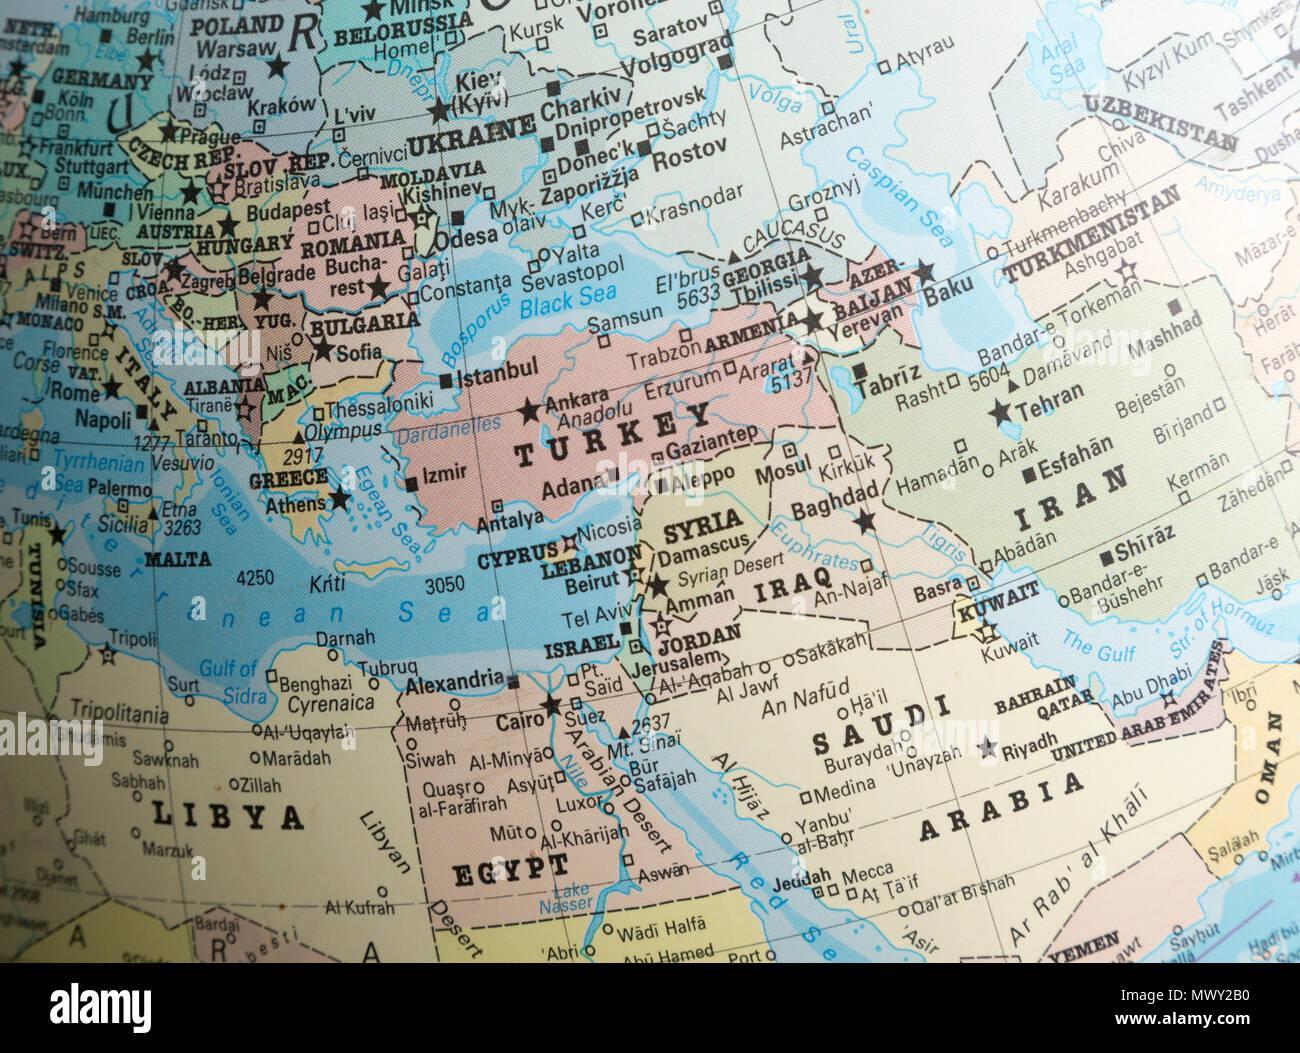 Karte Naher Osten Israel.Naher Osten Karte Auf Einem Globus Uber Die Turkei Syrien